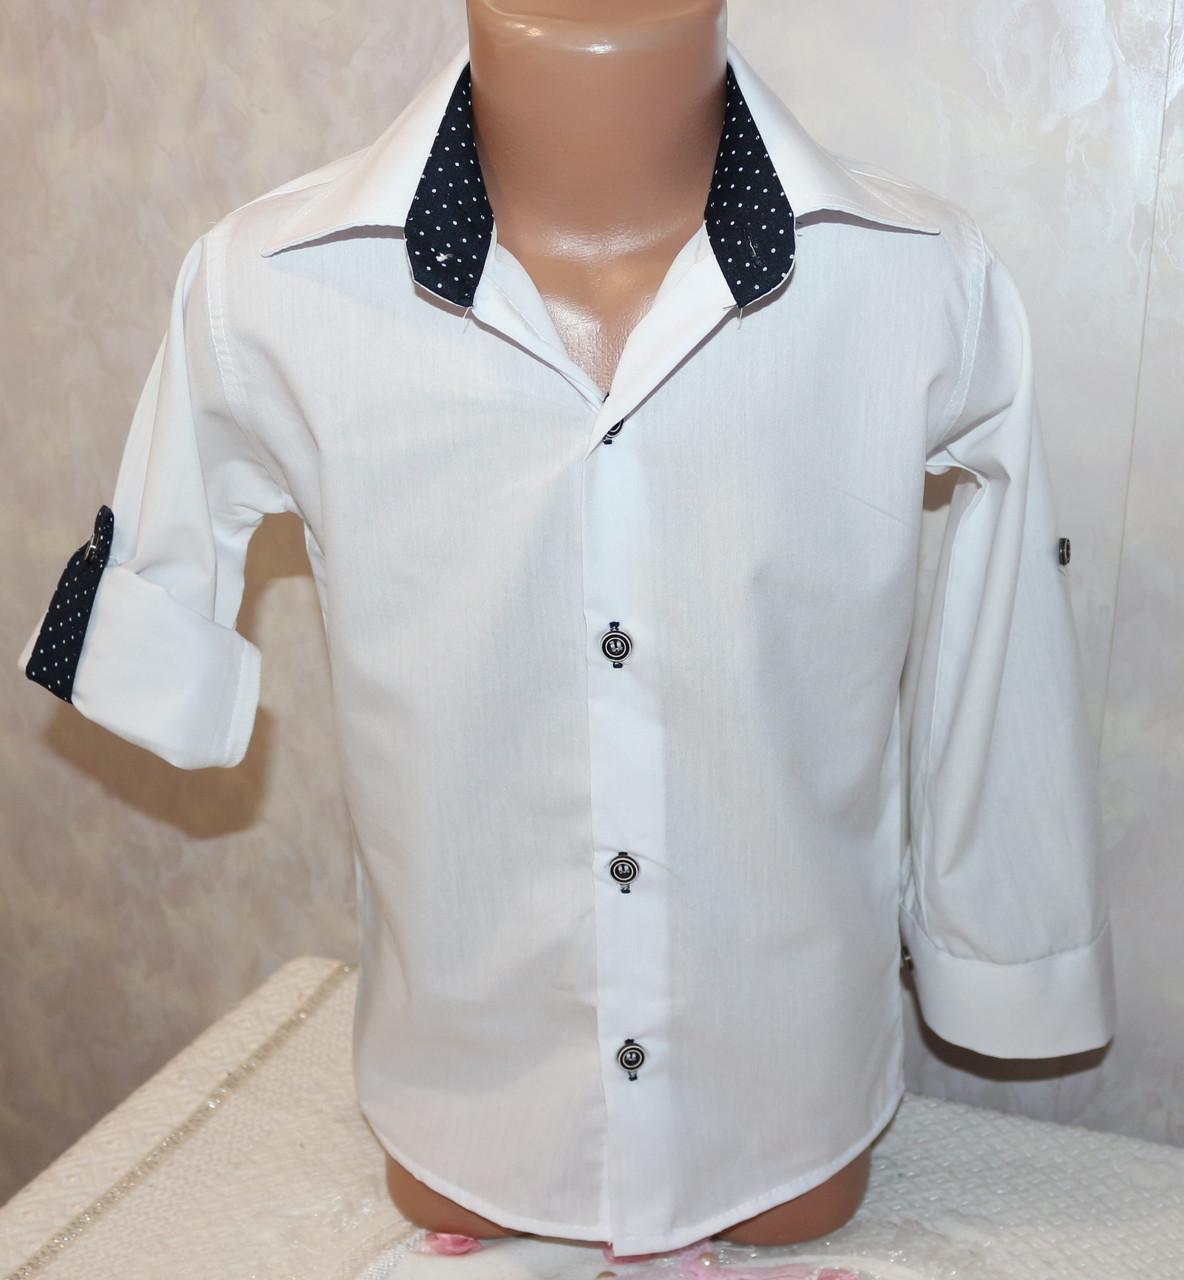 Школьная рубашка на мальчика (рукав трансформер) 10-11,12-13,14-15,15-16 лет